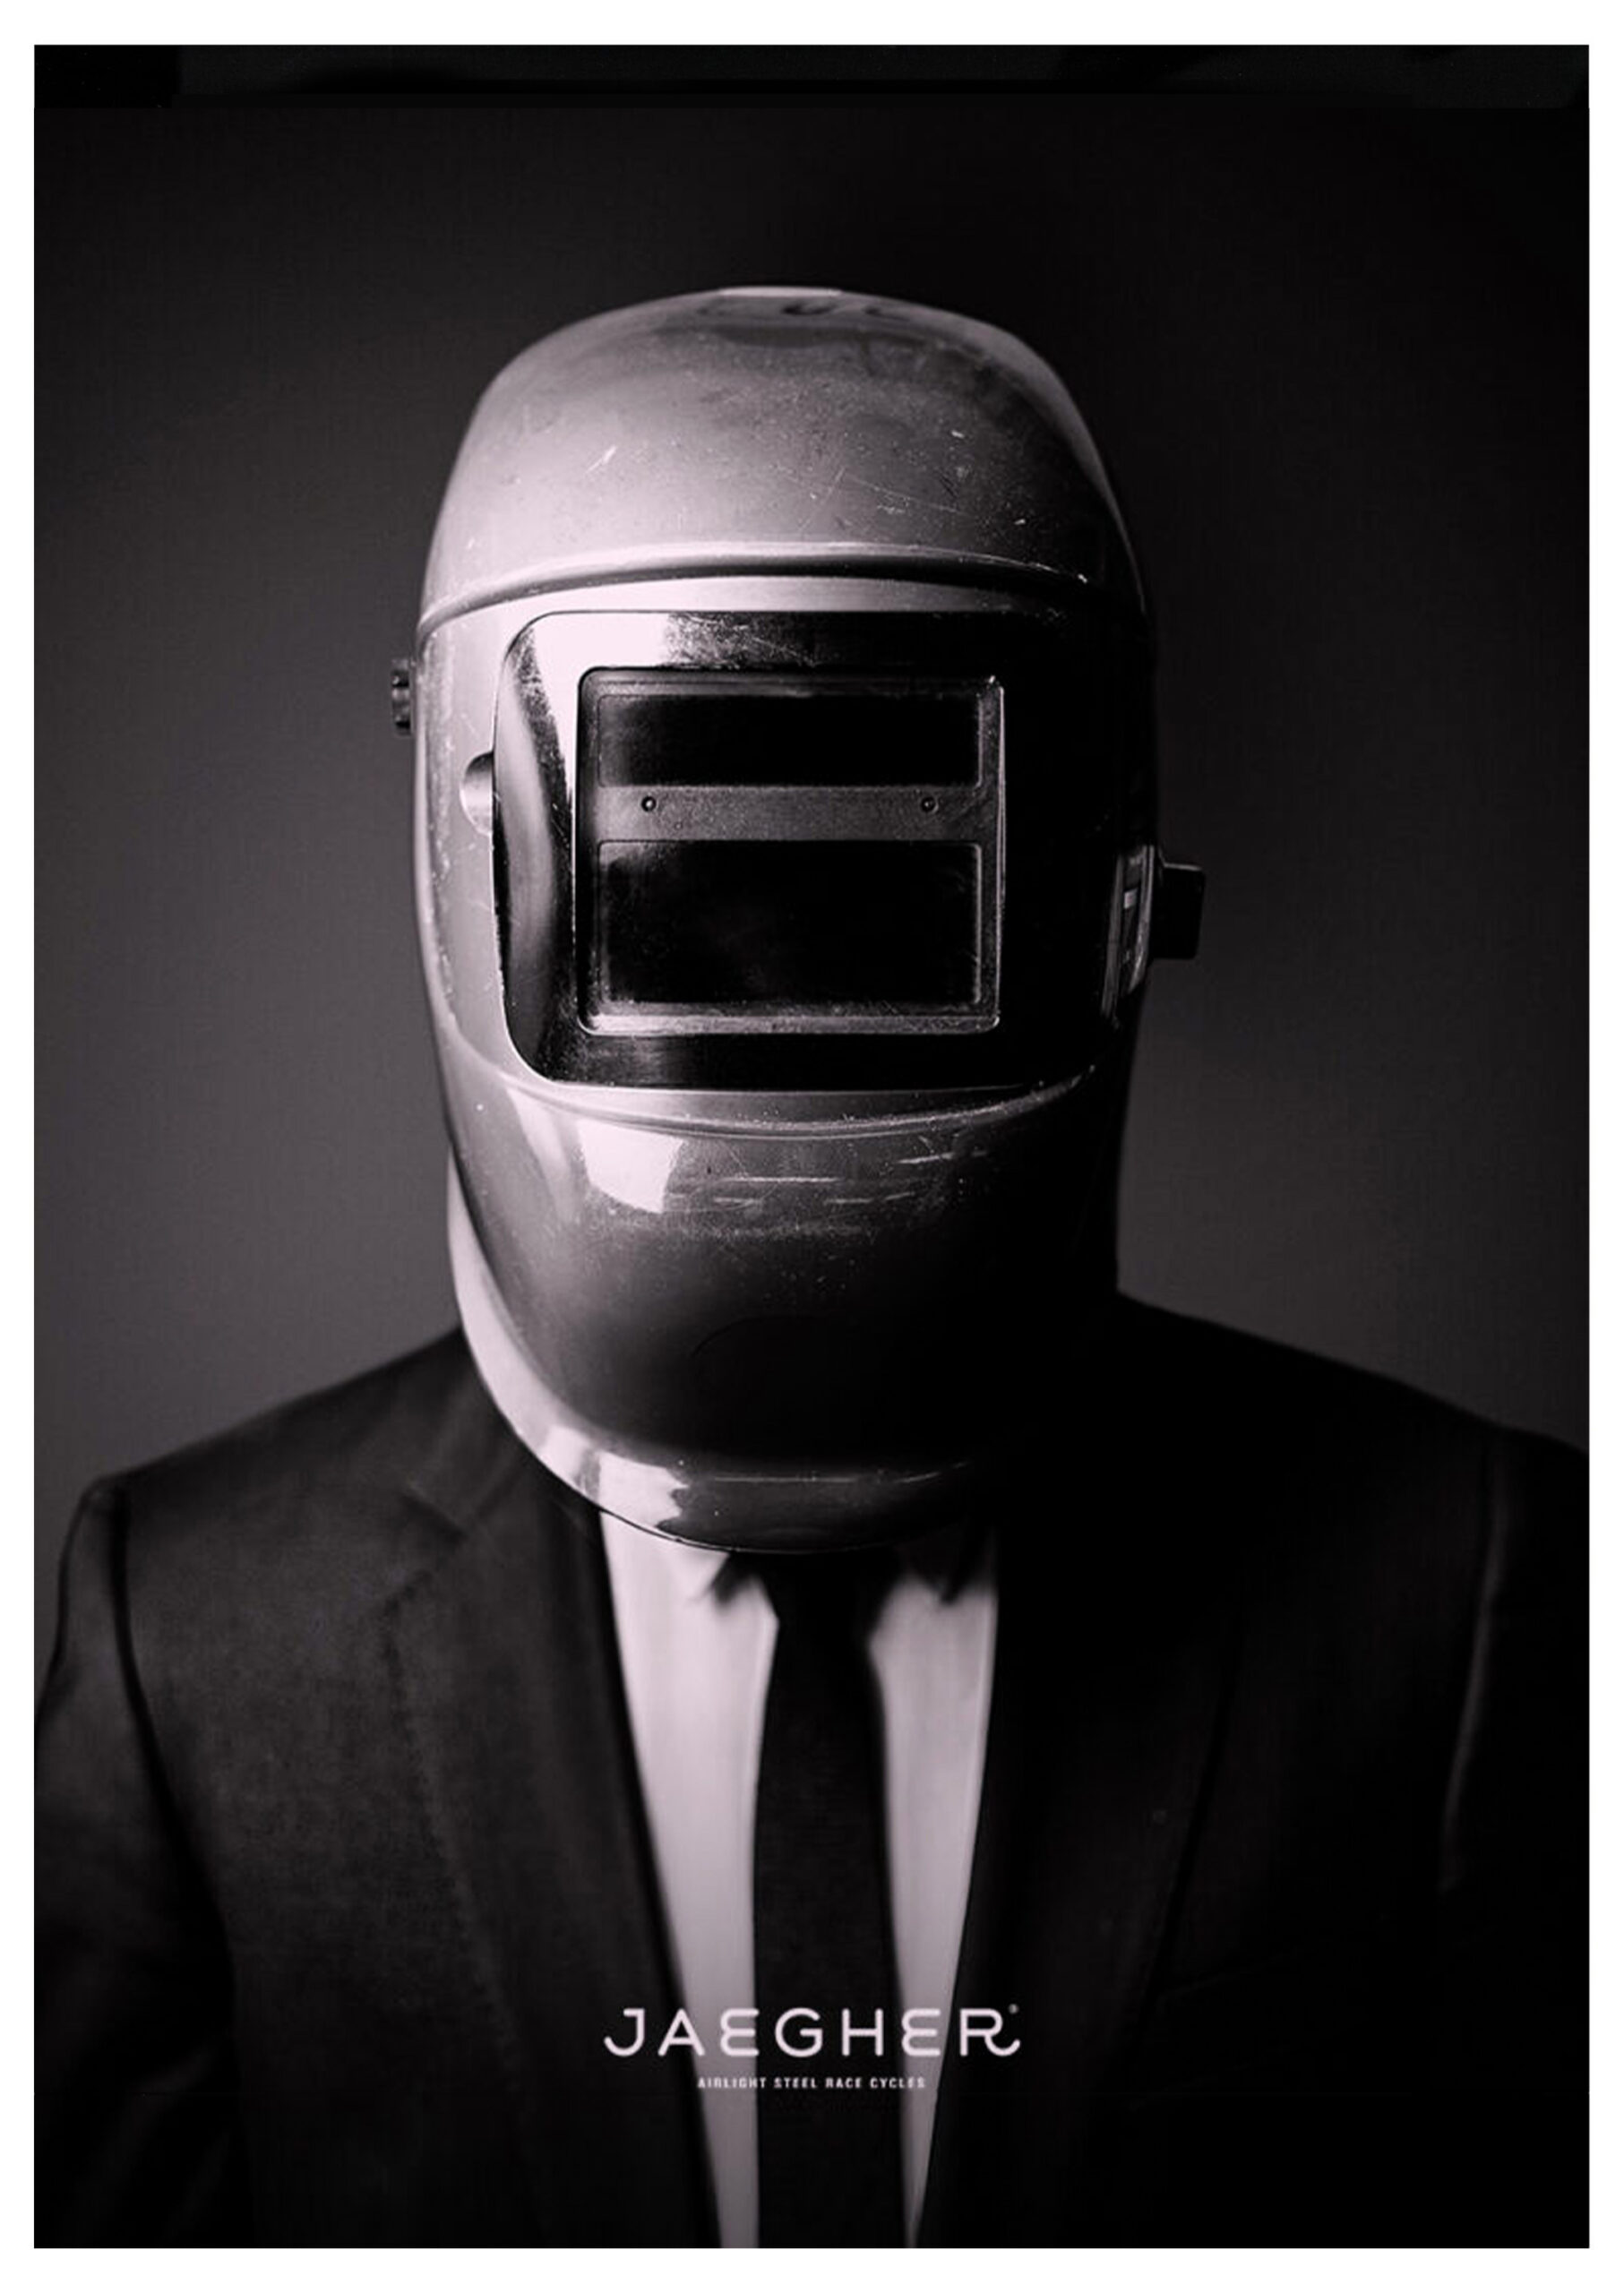 JAegher_welding_costume